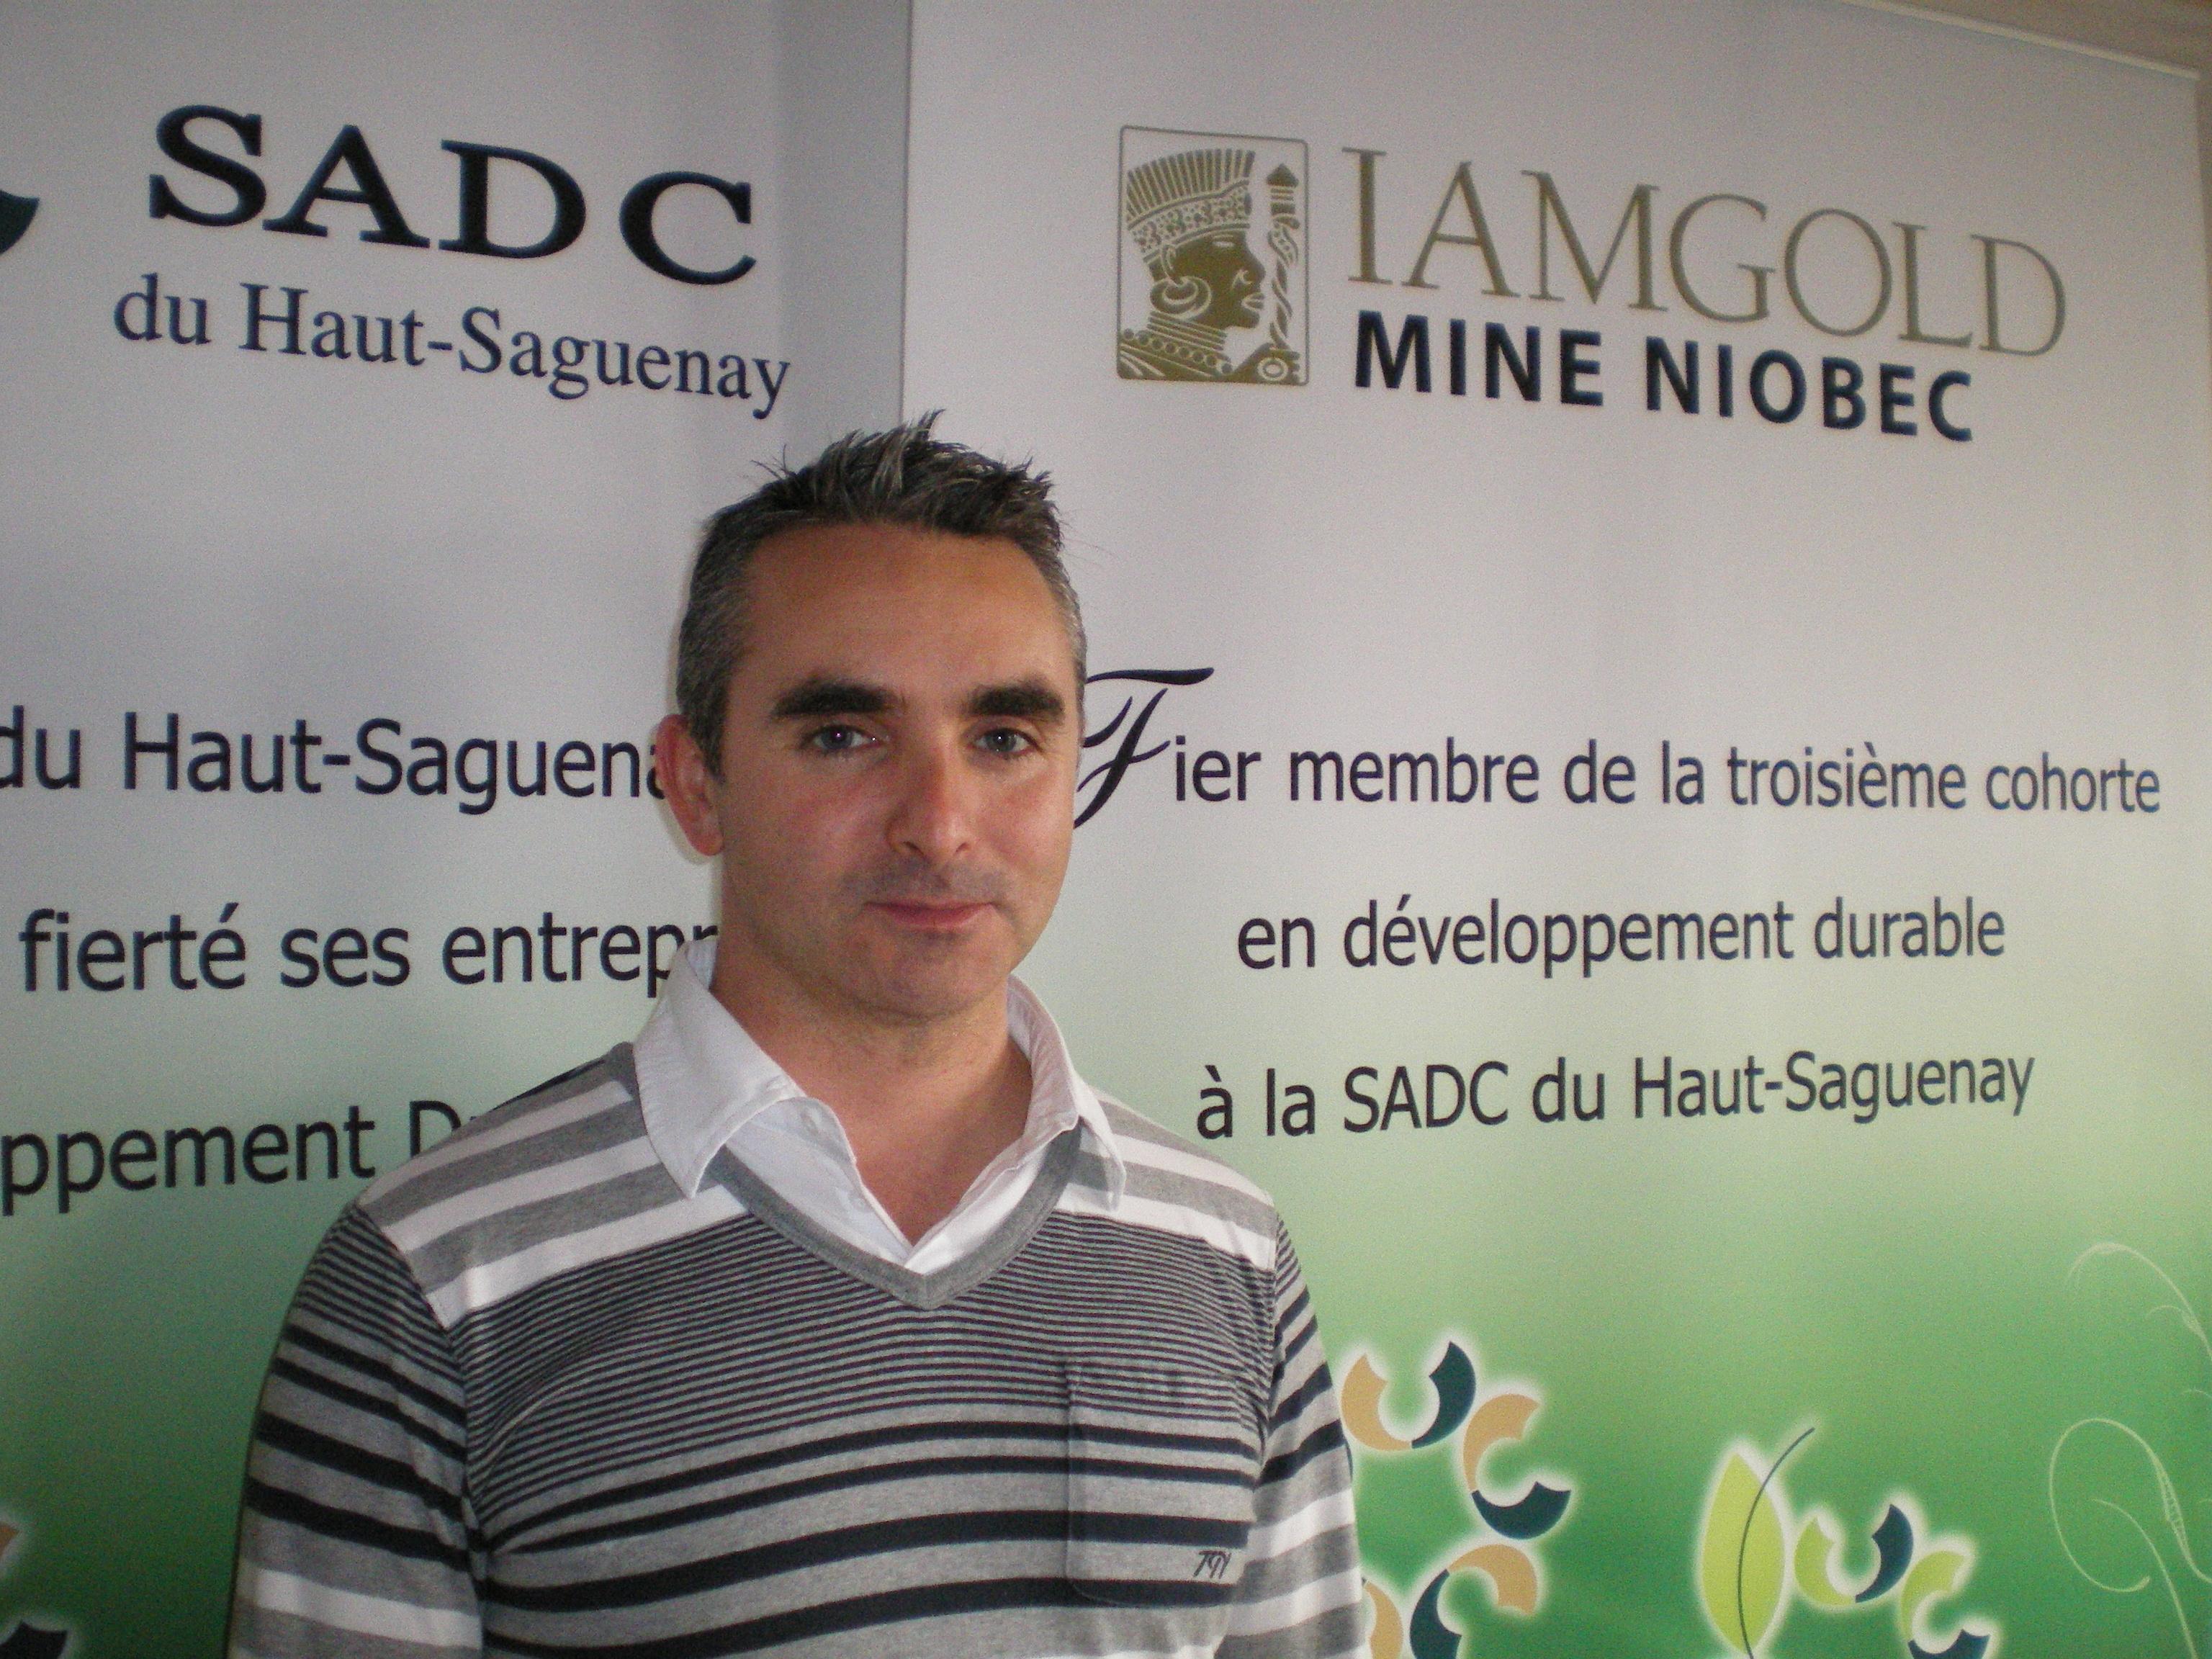 Mine Niobec